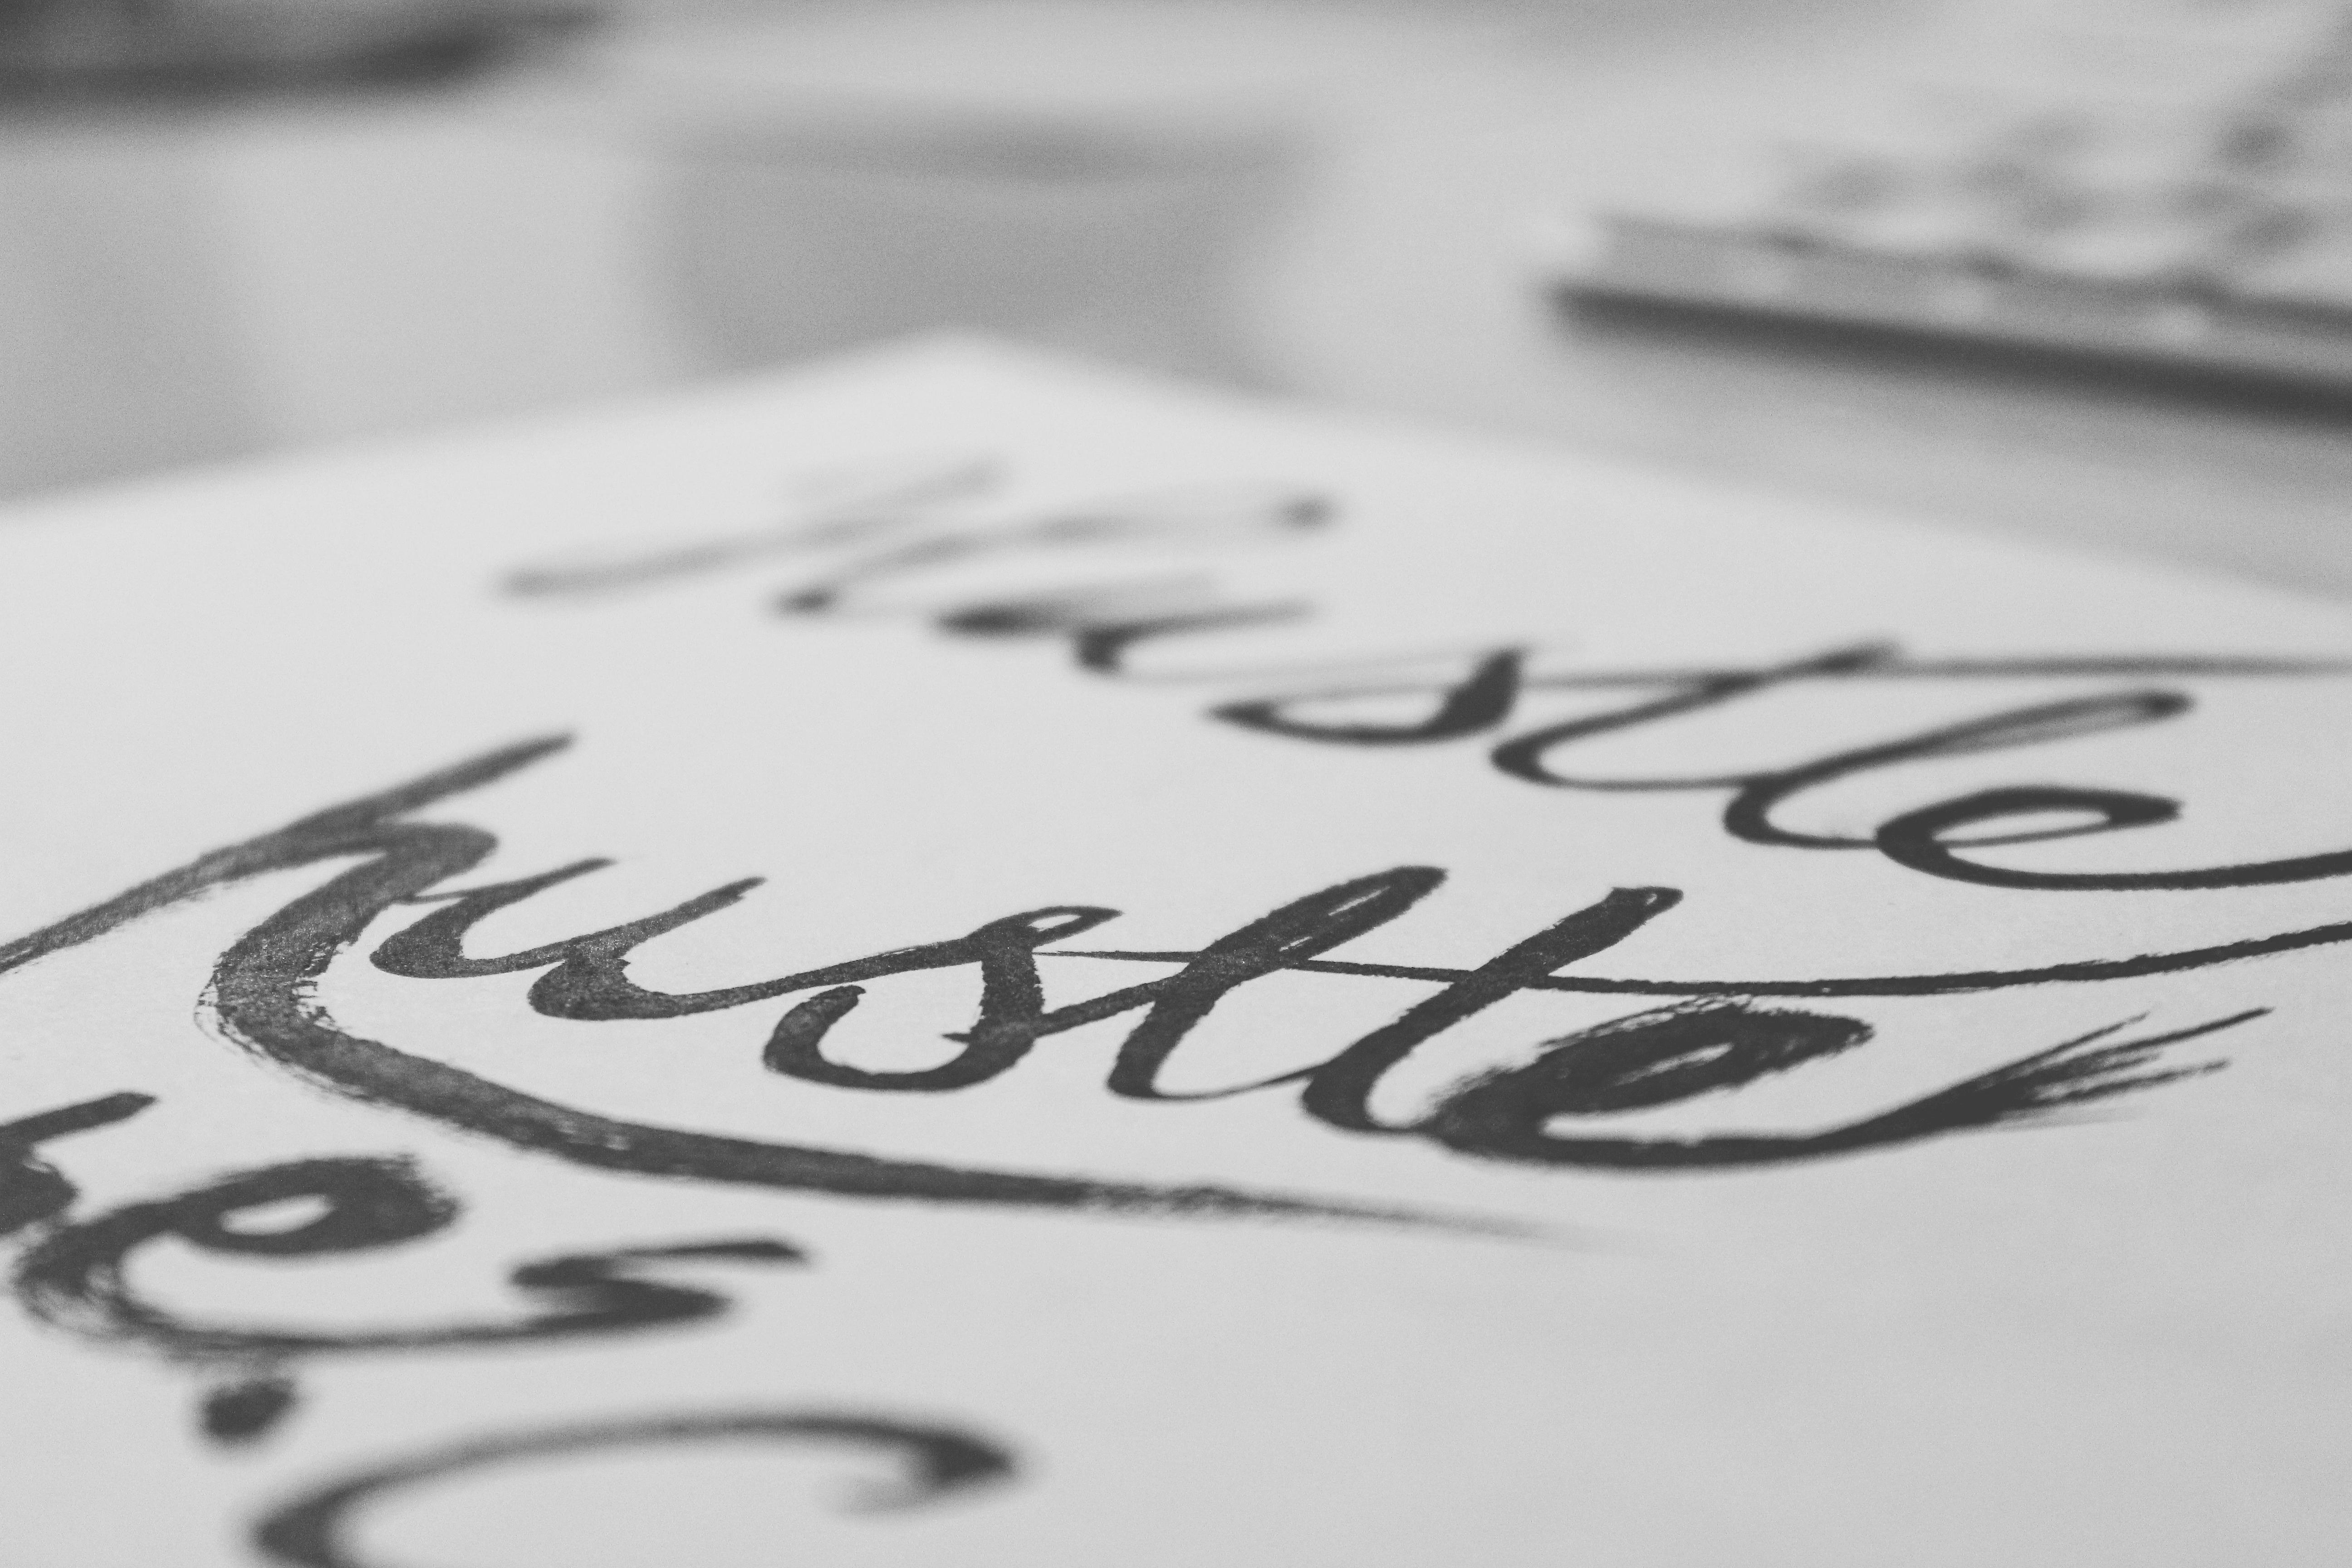 Lápiz de caligrafía letras de la mano ajetreo